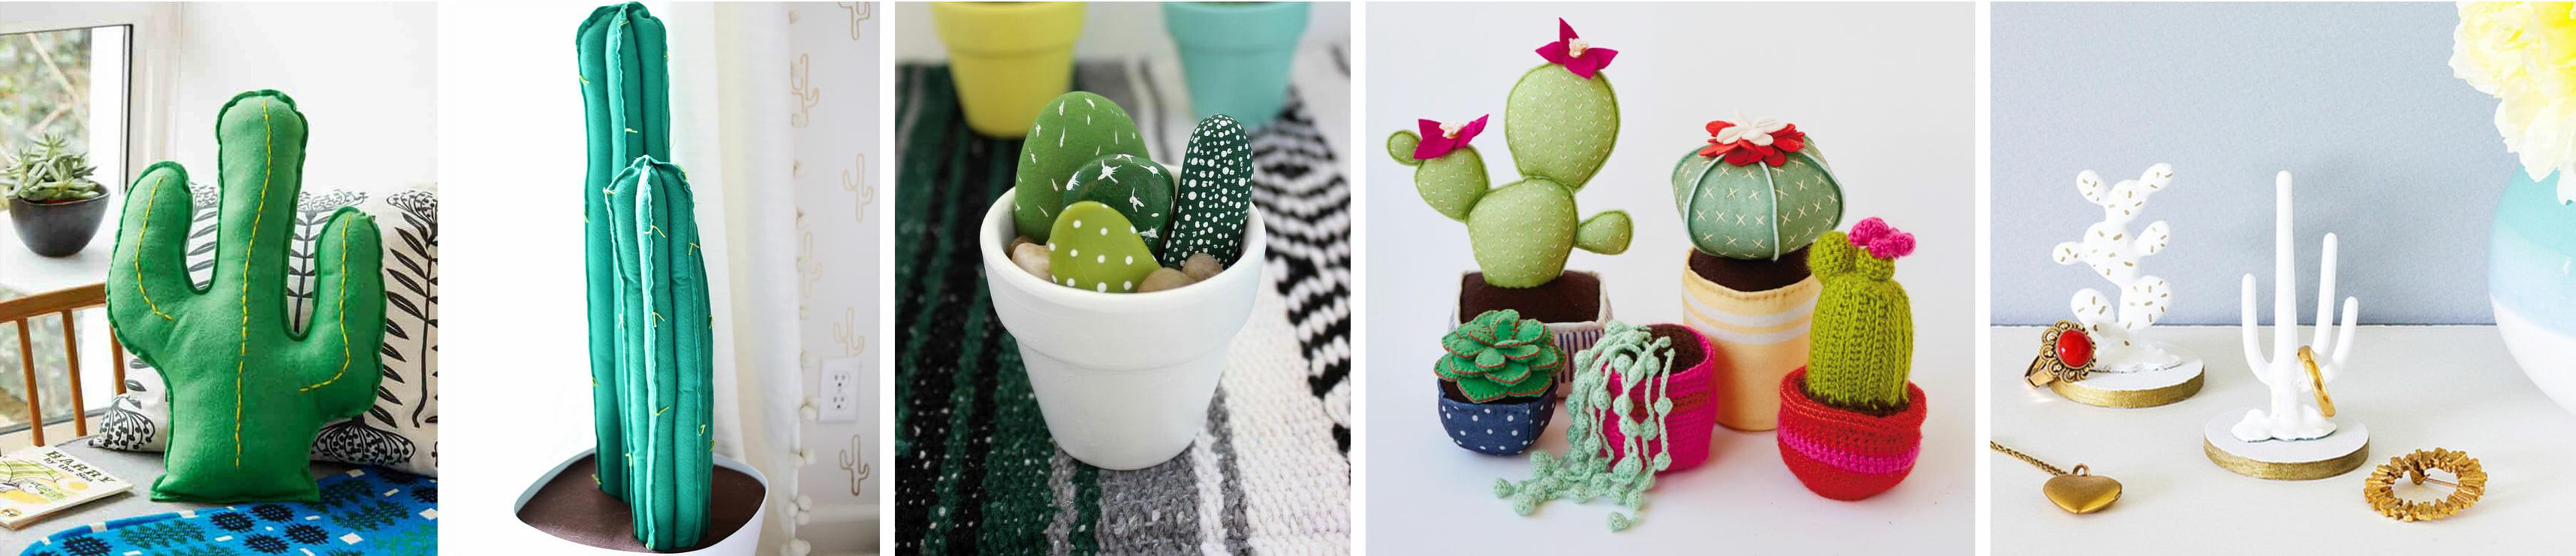 cactus-inline3